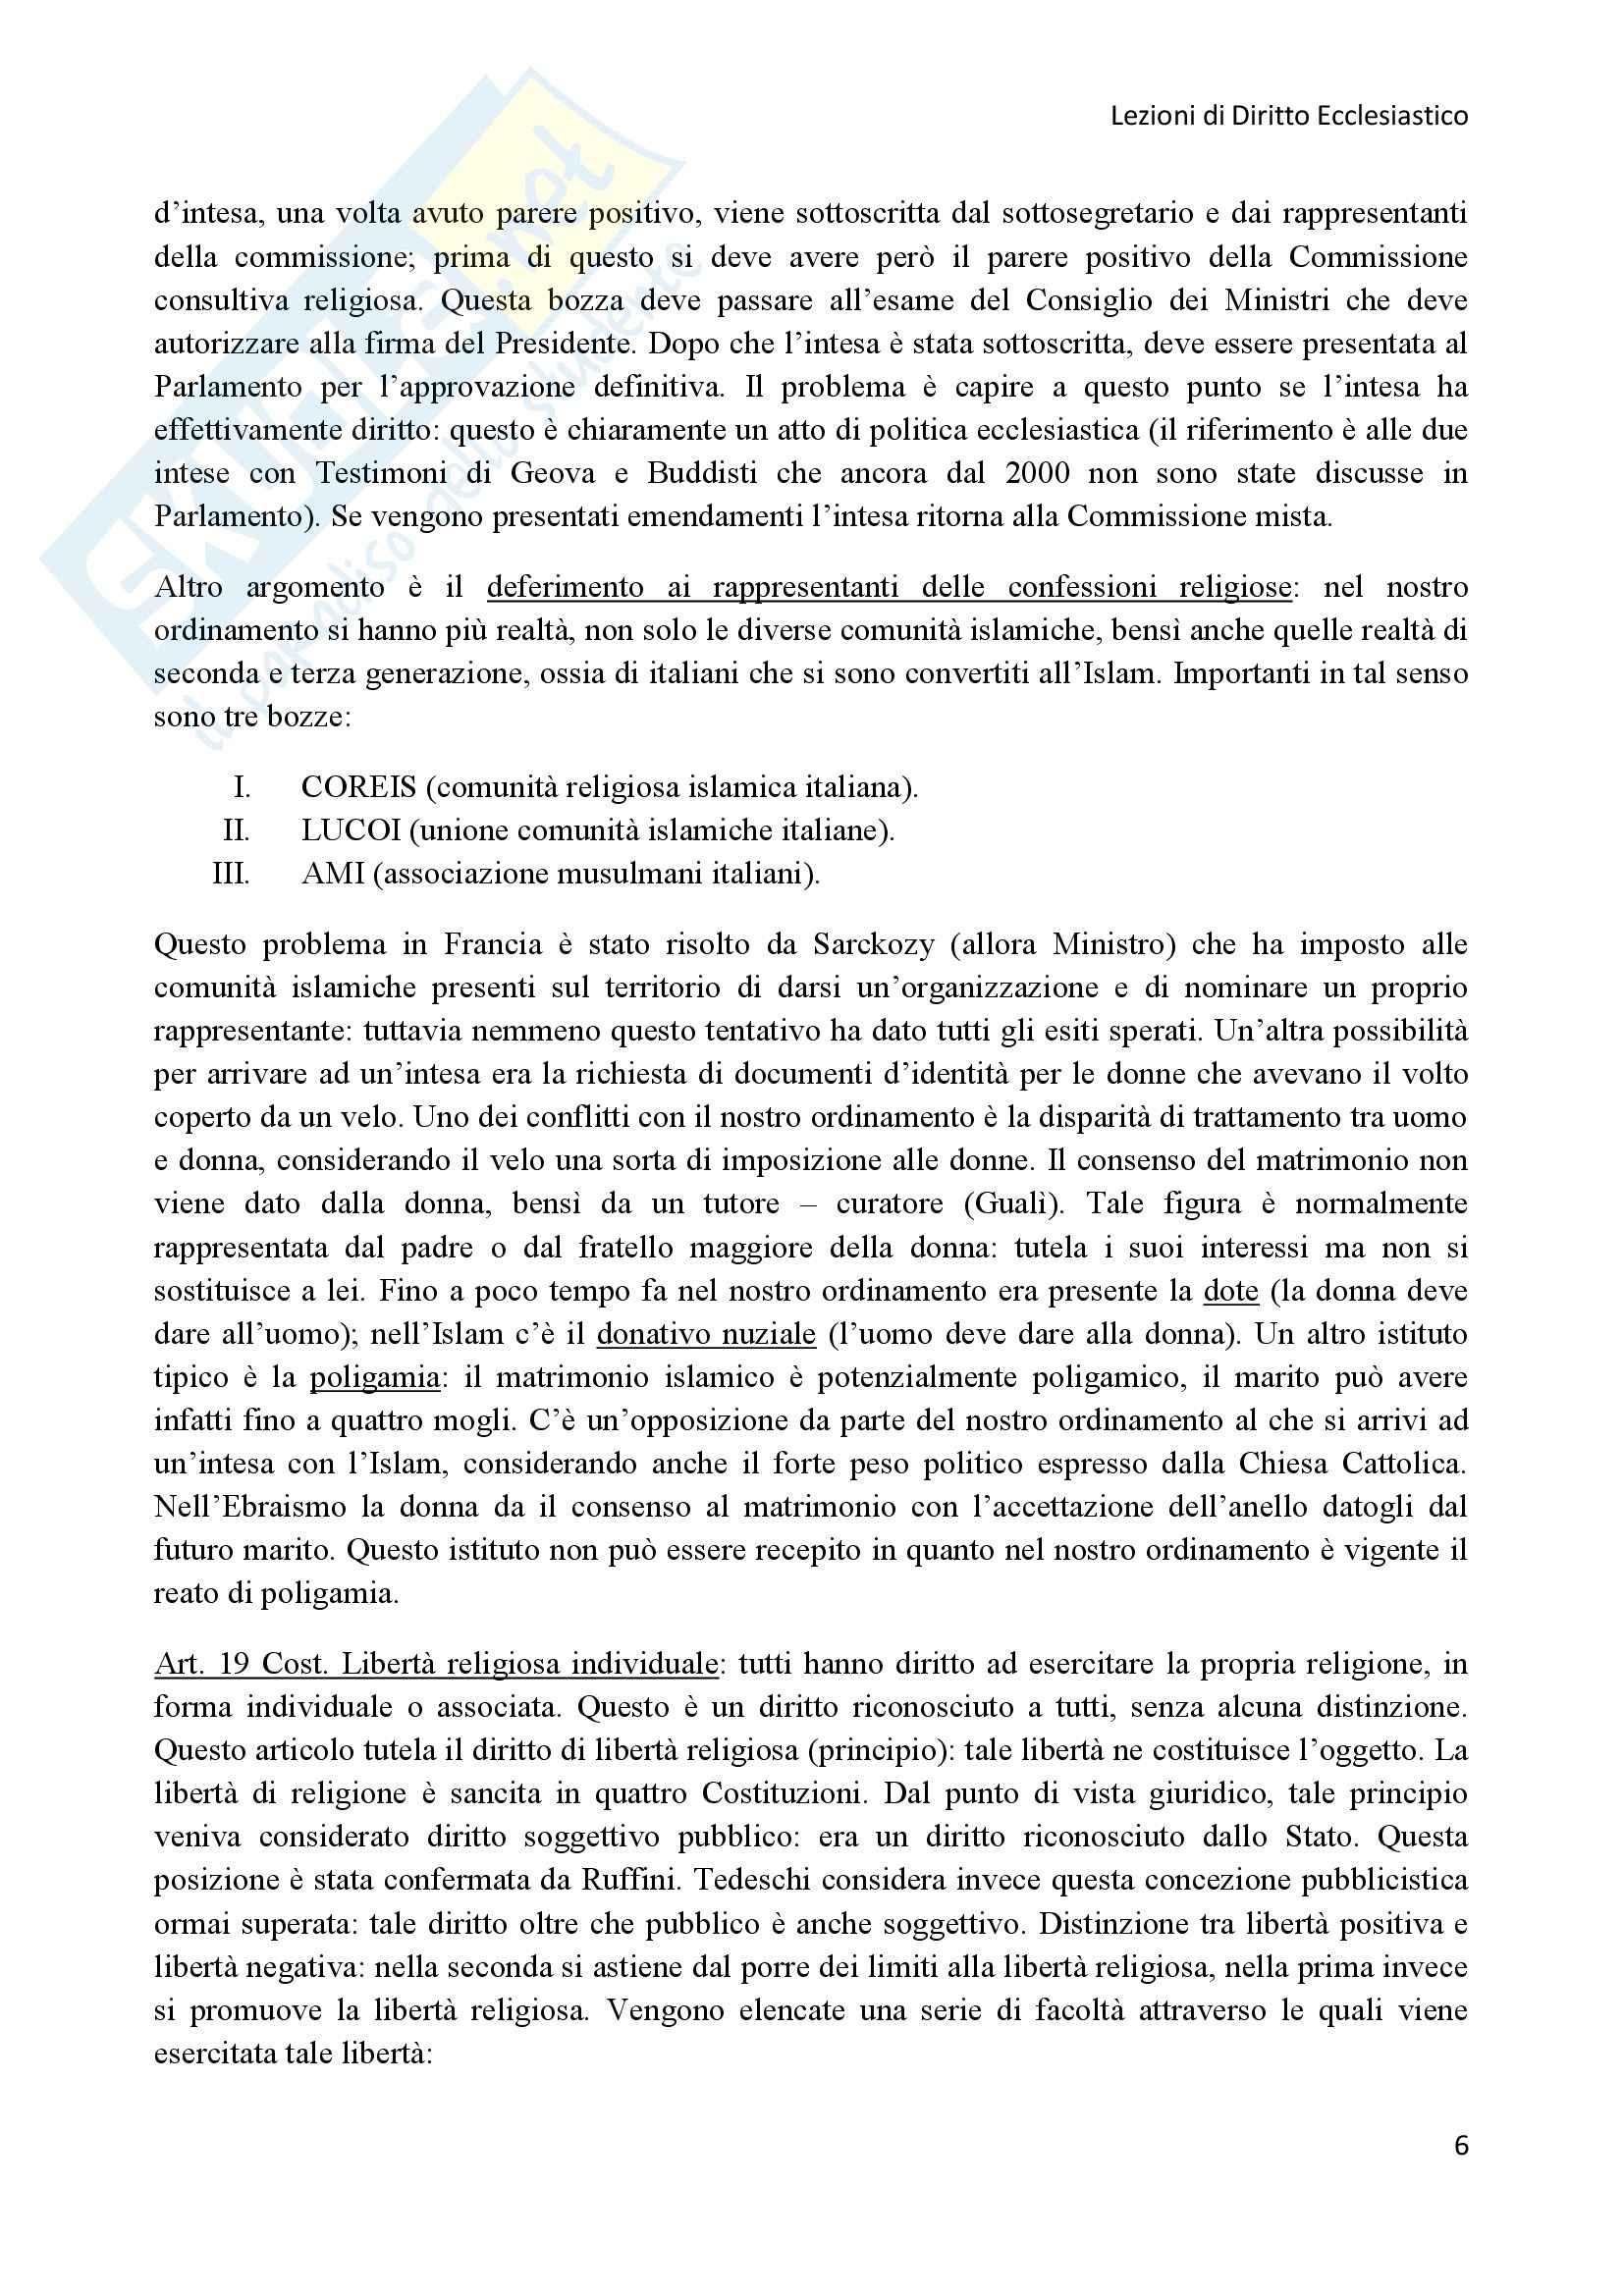 Diritto Ecclesiastico - Lezioni professoressa D'Arienzo Pag. 6